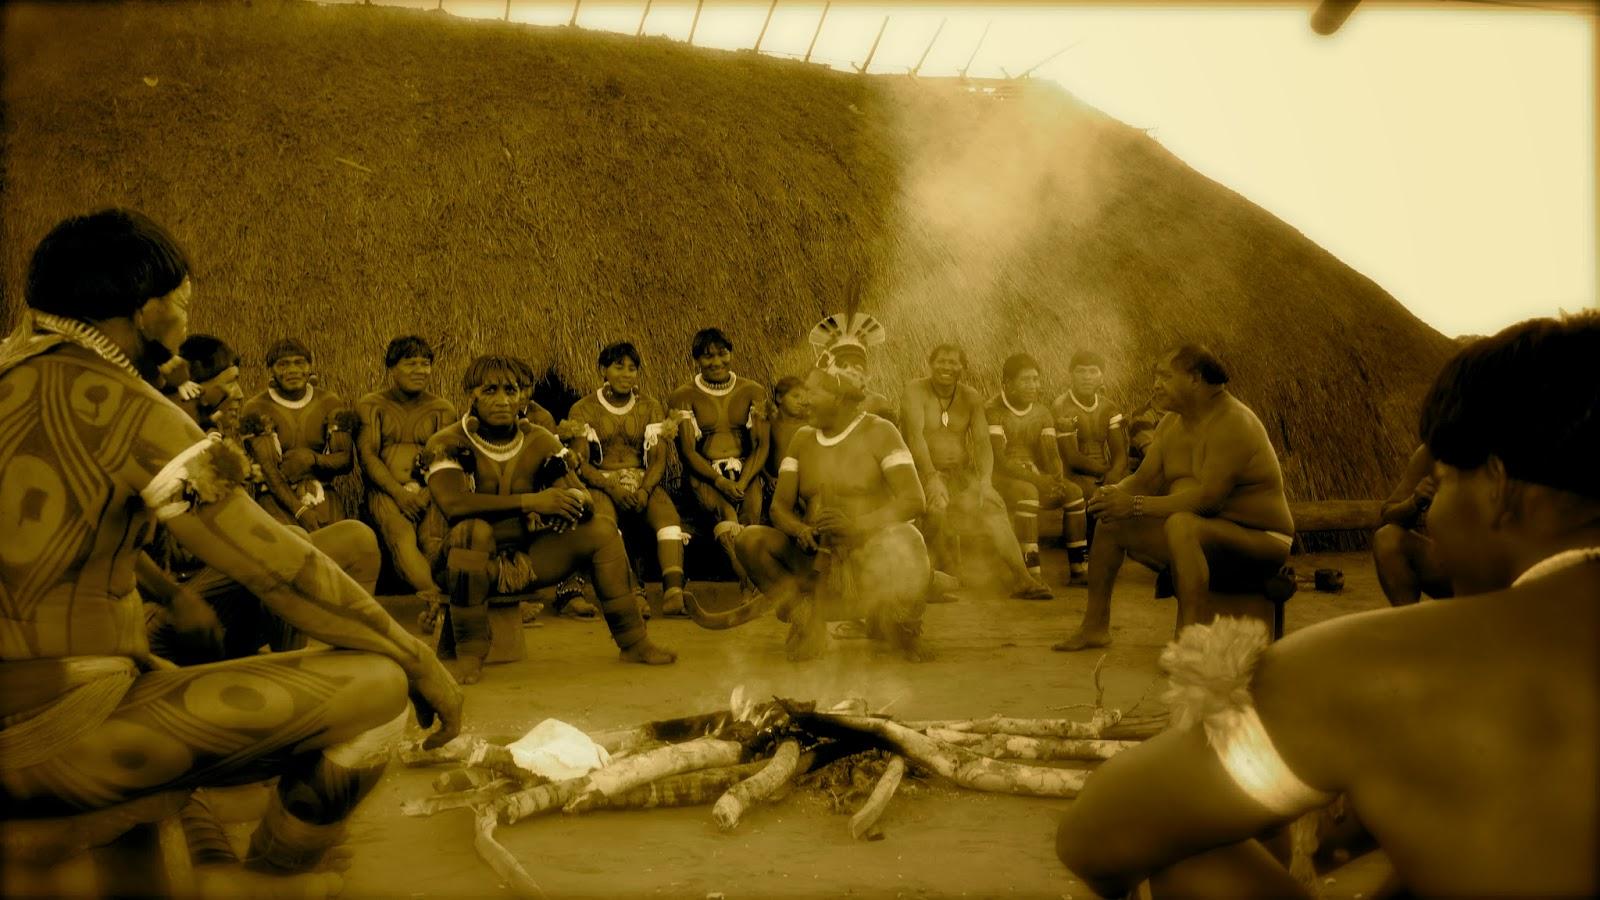 Vicente Cañas, Kiwixí, entregado por la causa indígena.